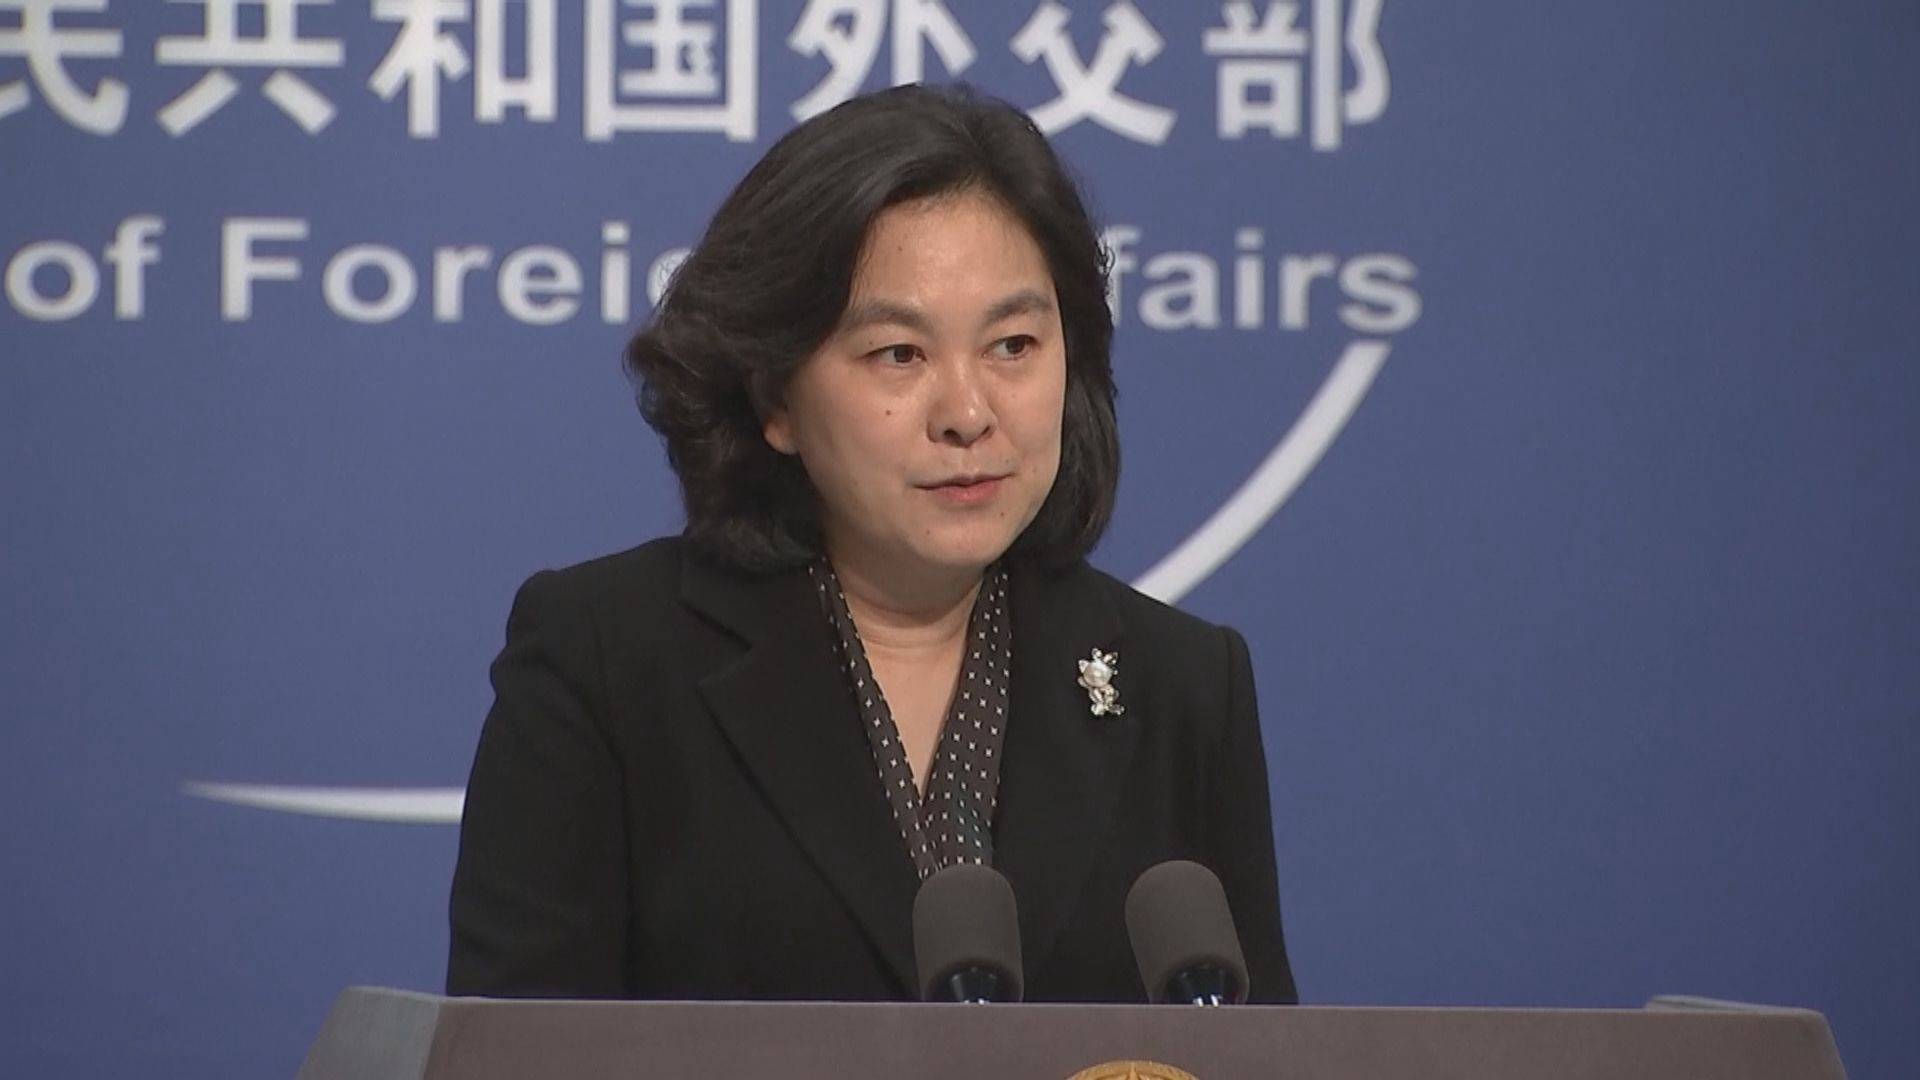 路透社指美將表決制裁中港官員 中方:會採取反制措施